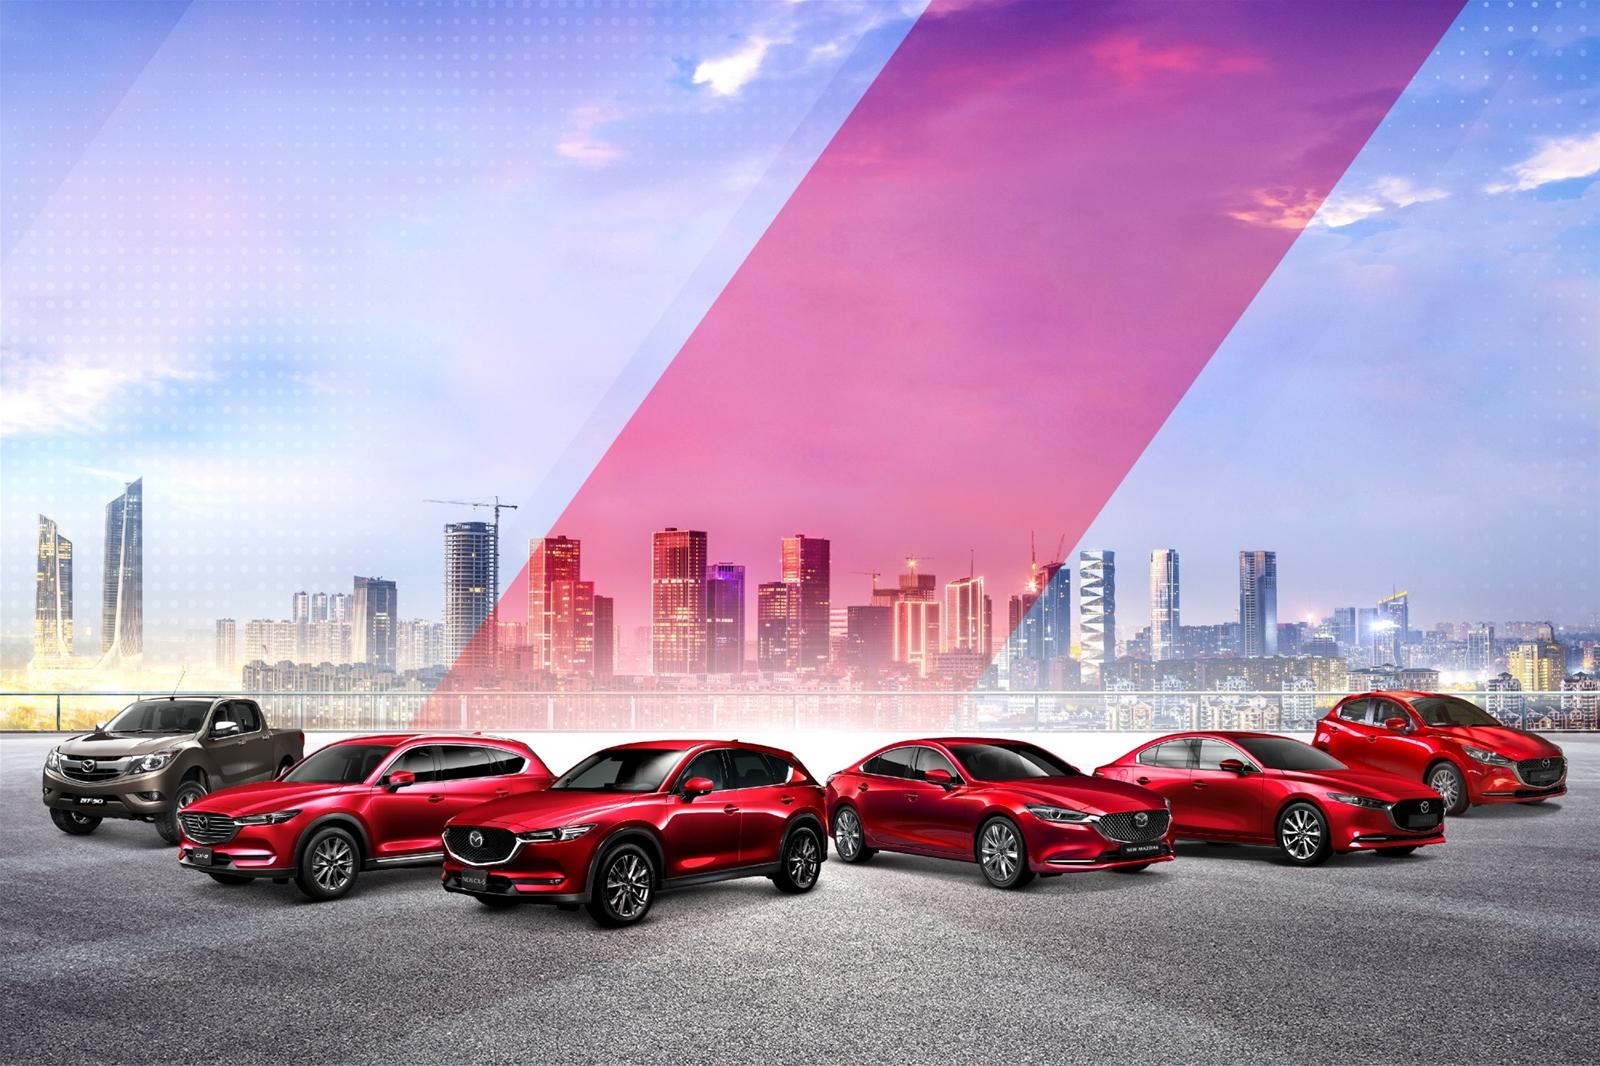 Bảng giá xe Mazda tháng 12/2020 cập nhật mới nhất